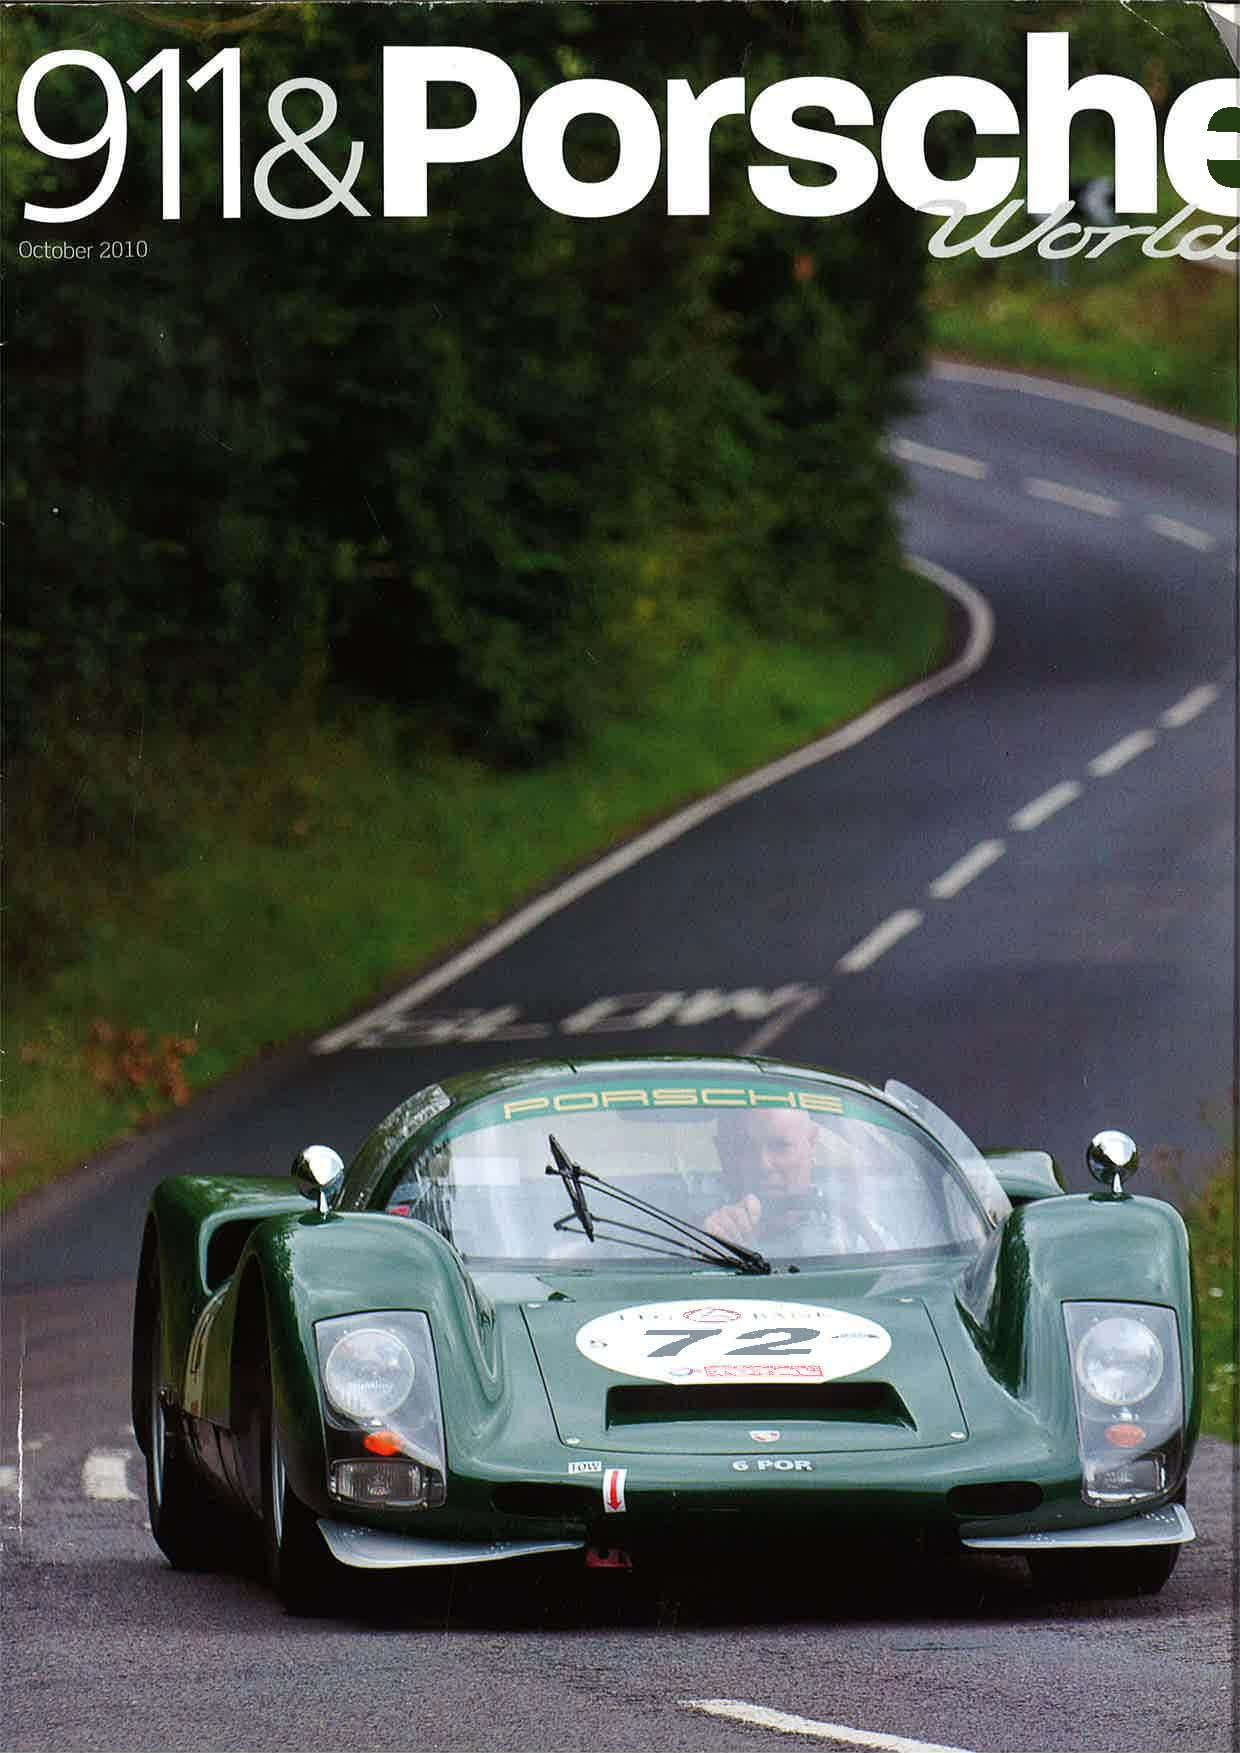 Le Tour Auto  2013 en Porsche 906 - Page 8 Porsch10